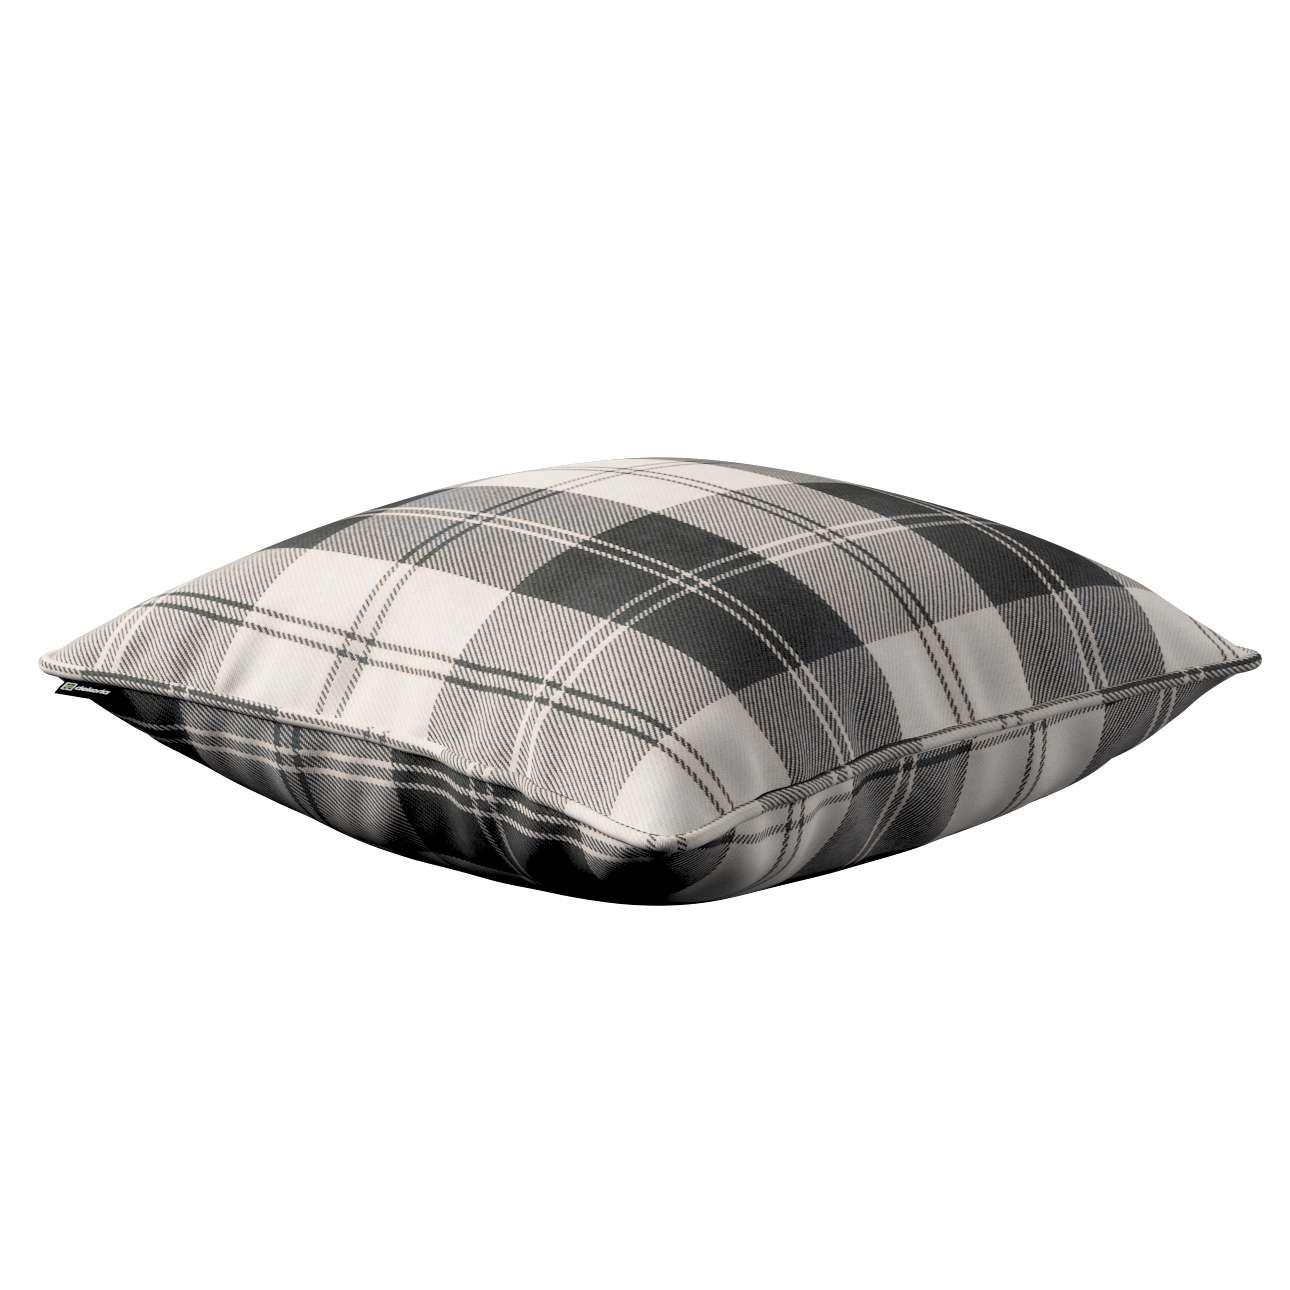 Poszewka Gabi na poduszkę 45 x 45 cm w kolekcji Edinburgh, tkanina: 115-74